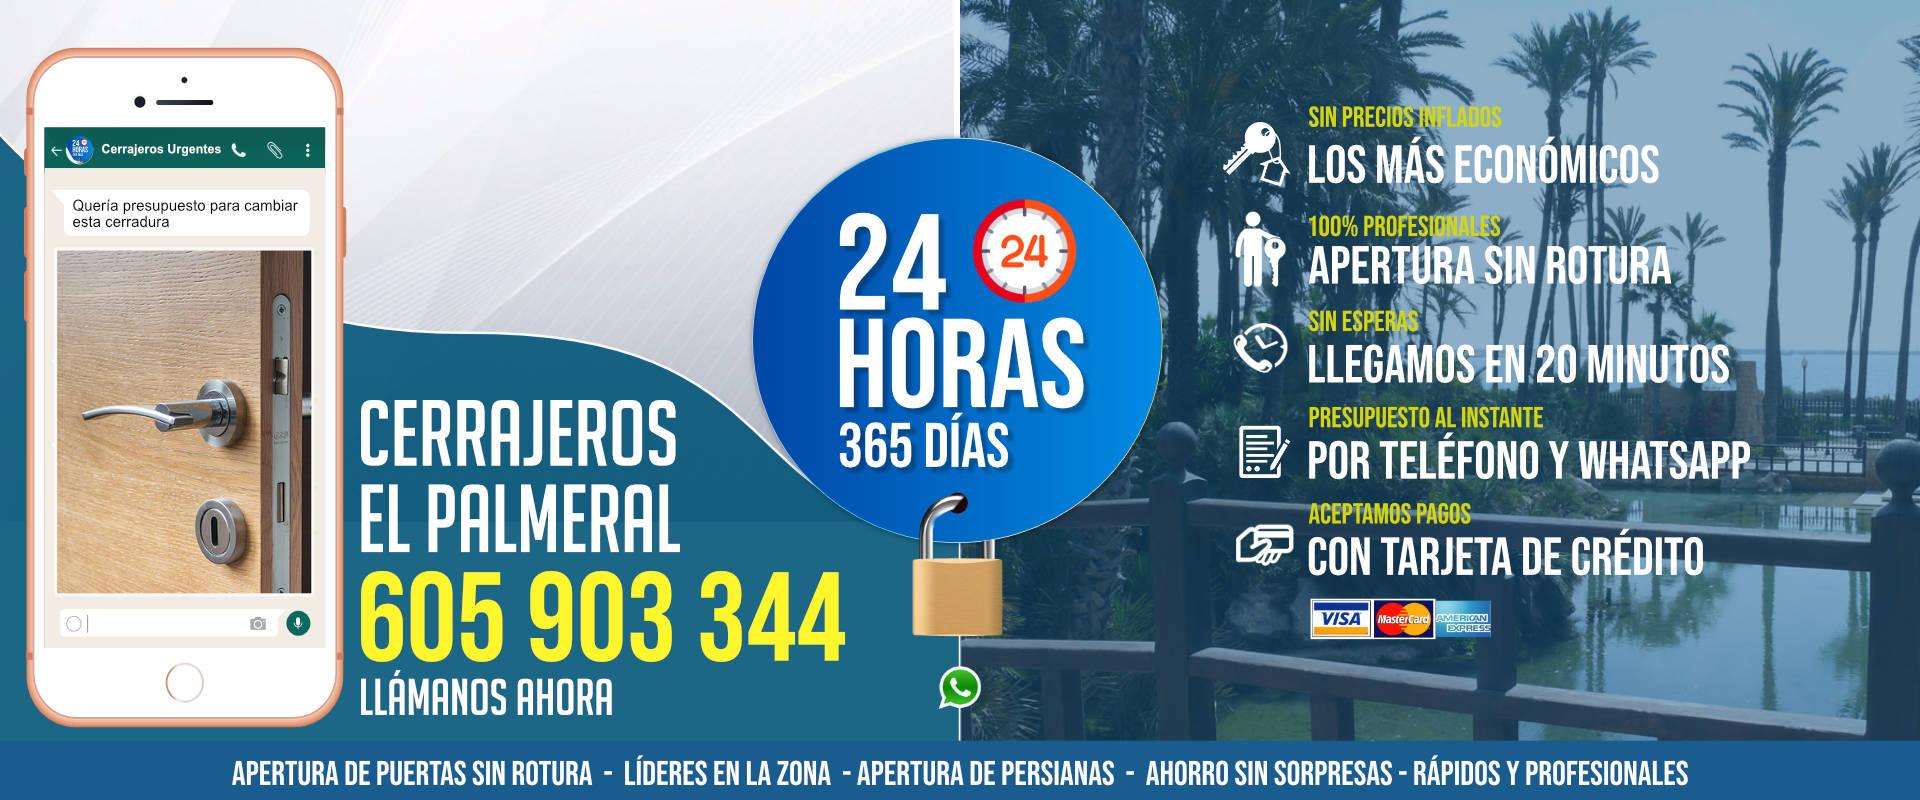 Cerrajeros El Palmeral 1